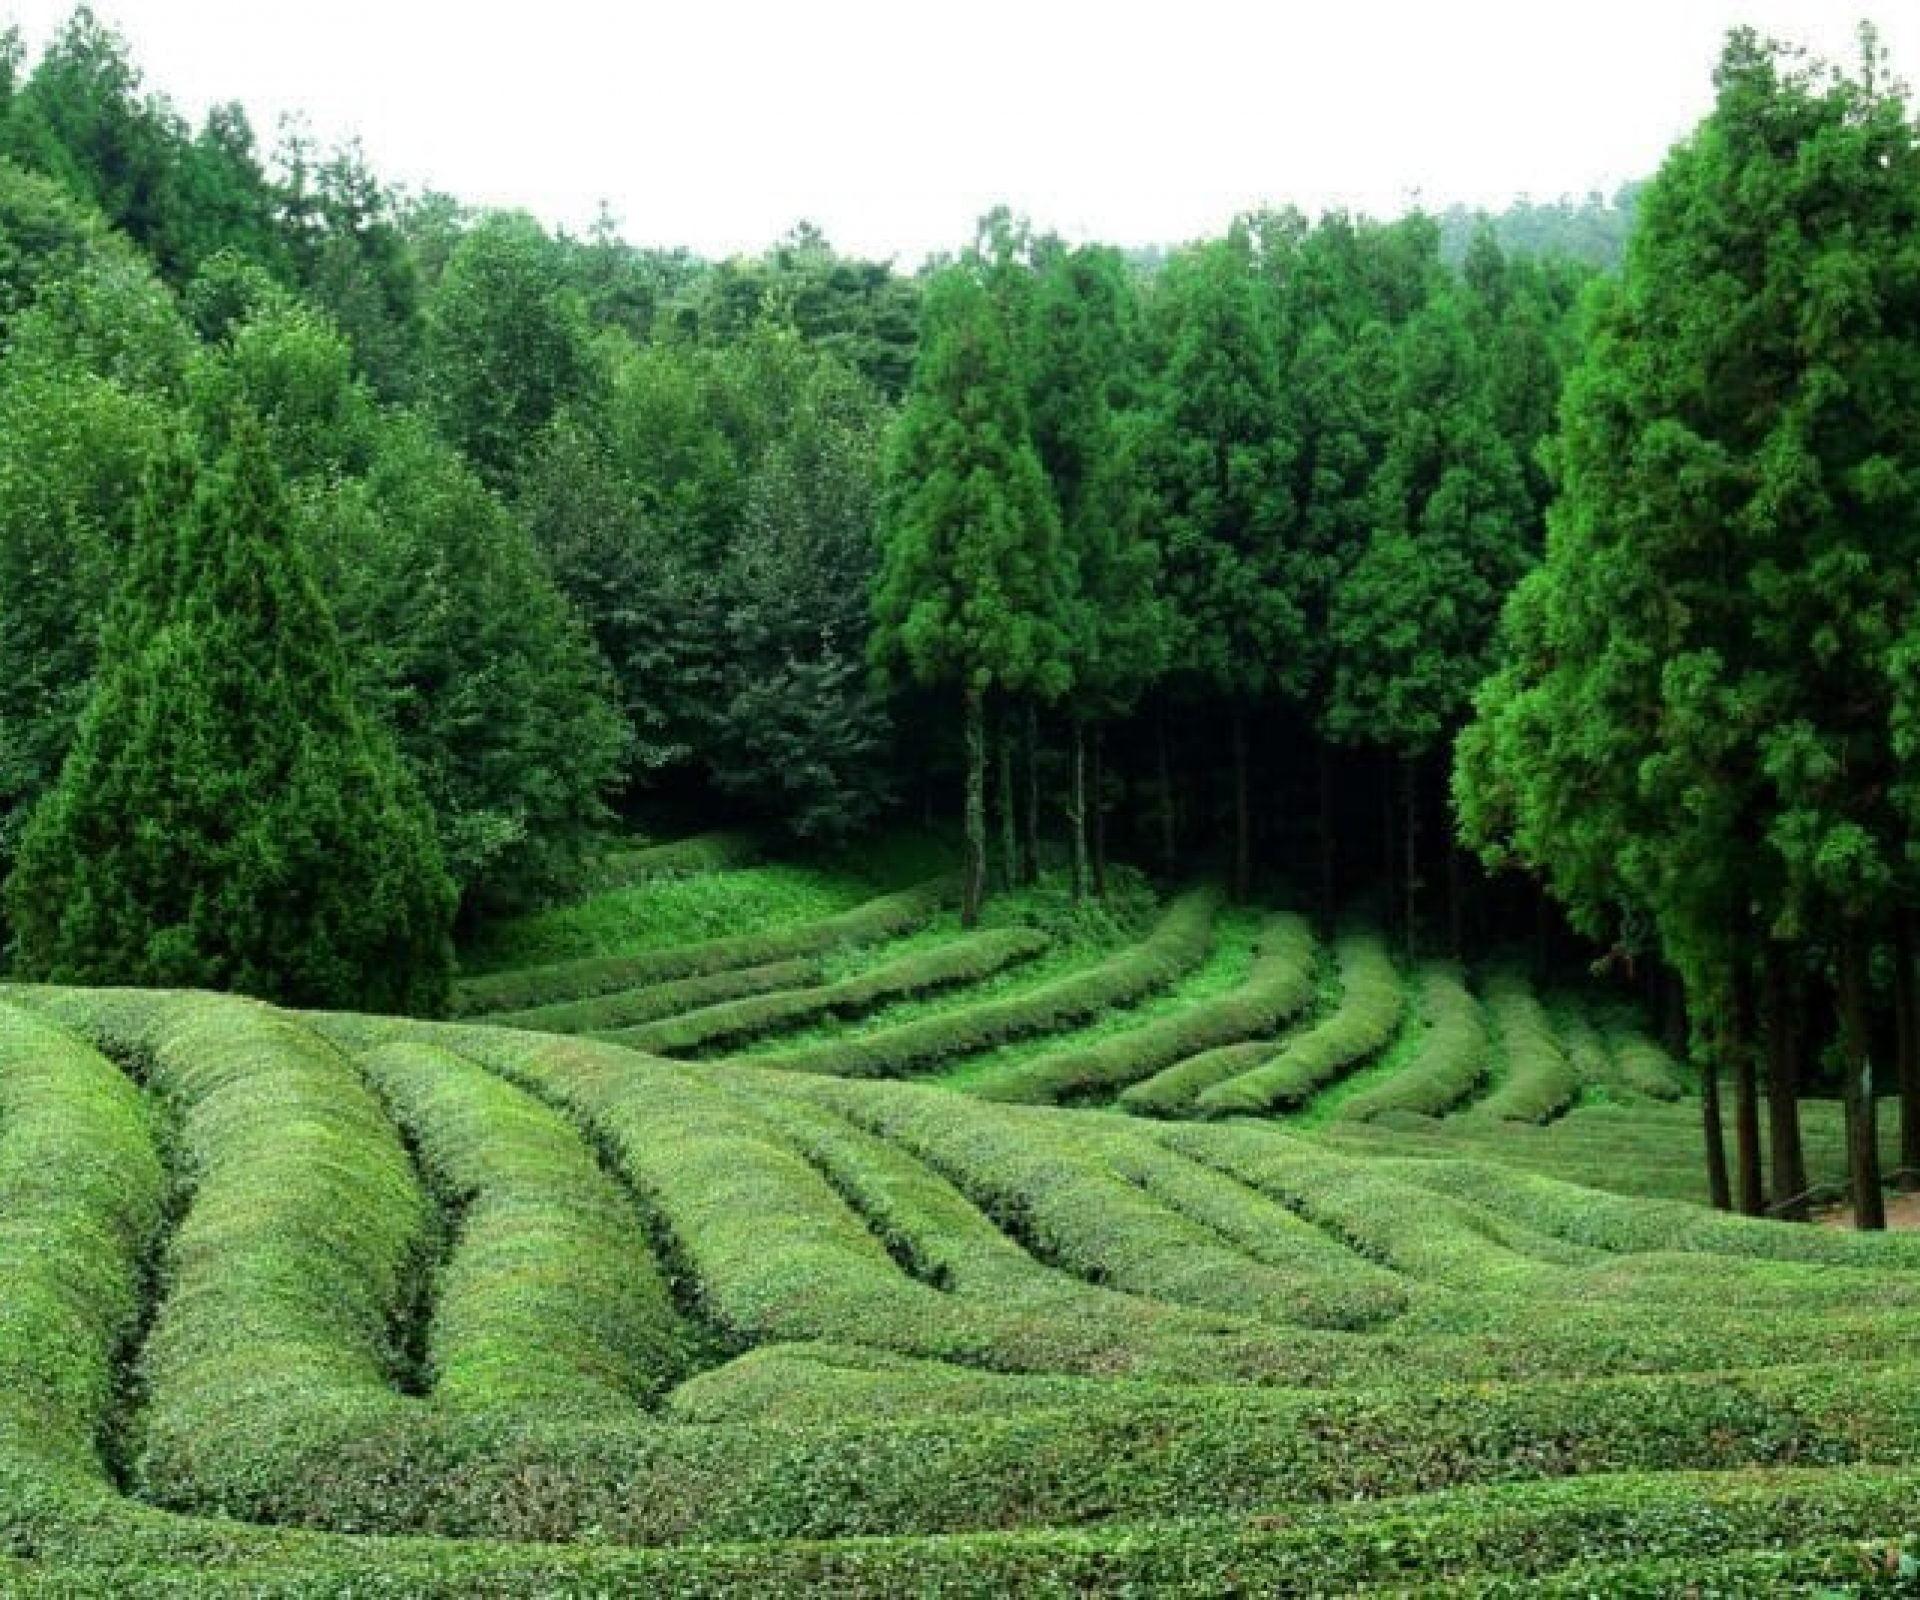 Boseong Tea Plantation | Boseong-gun, Jeollanam-do